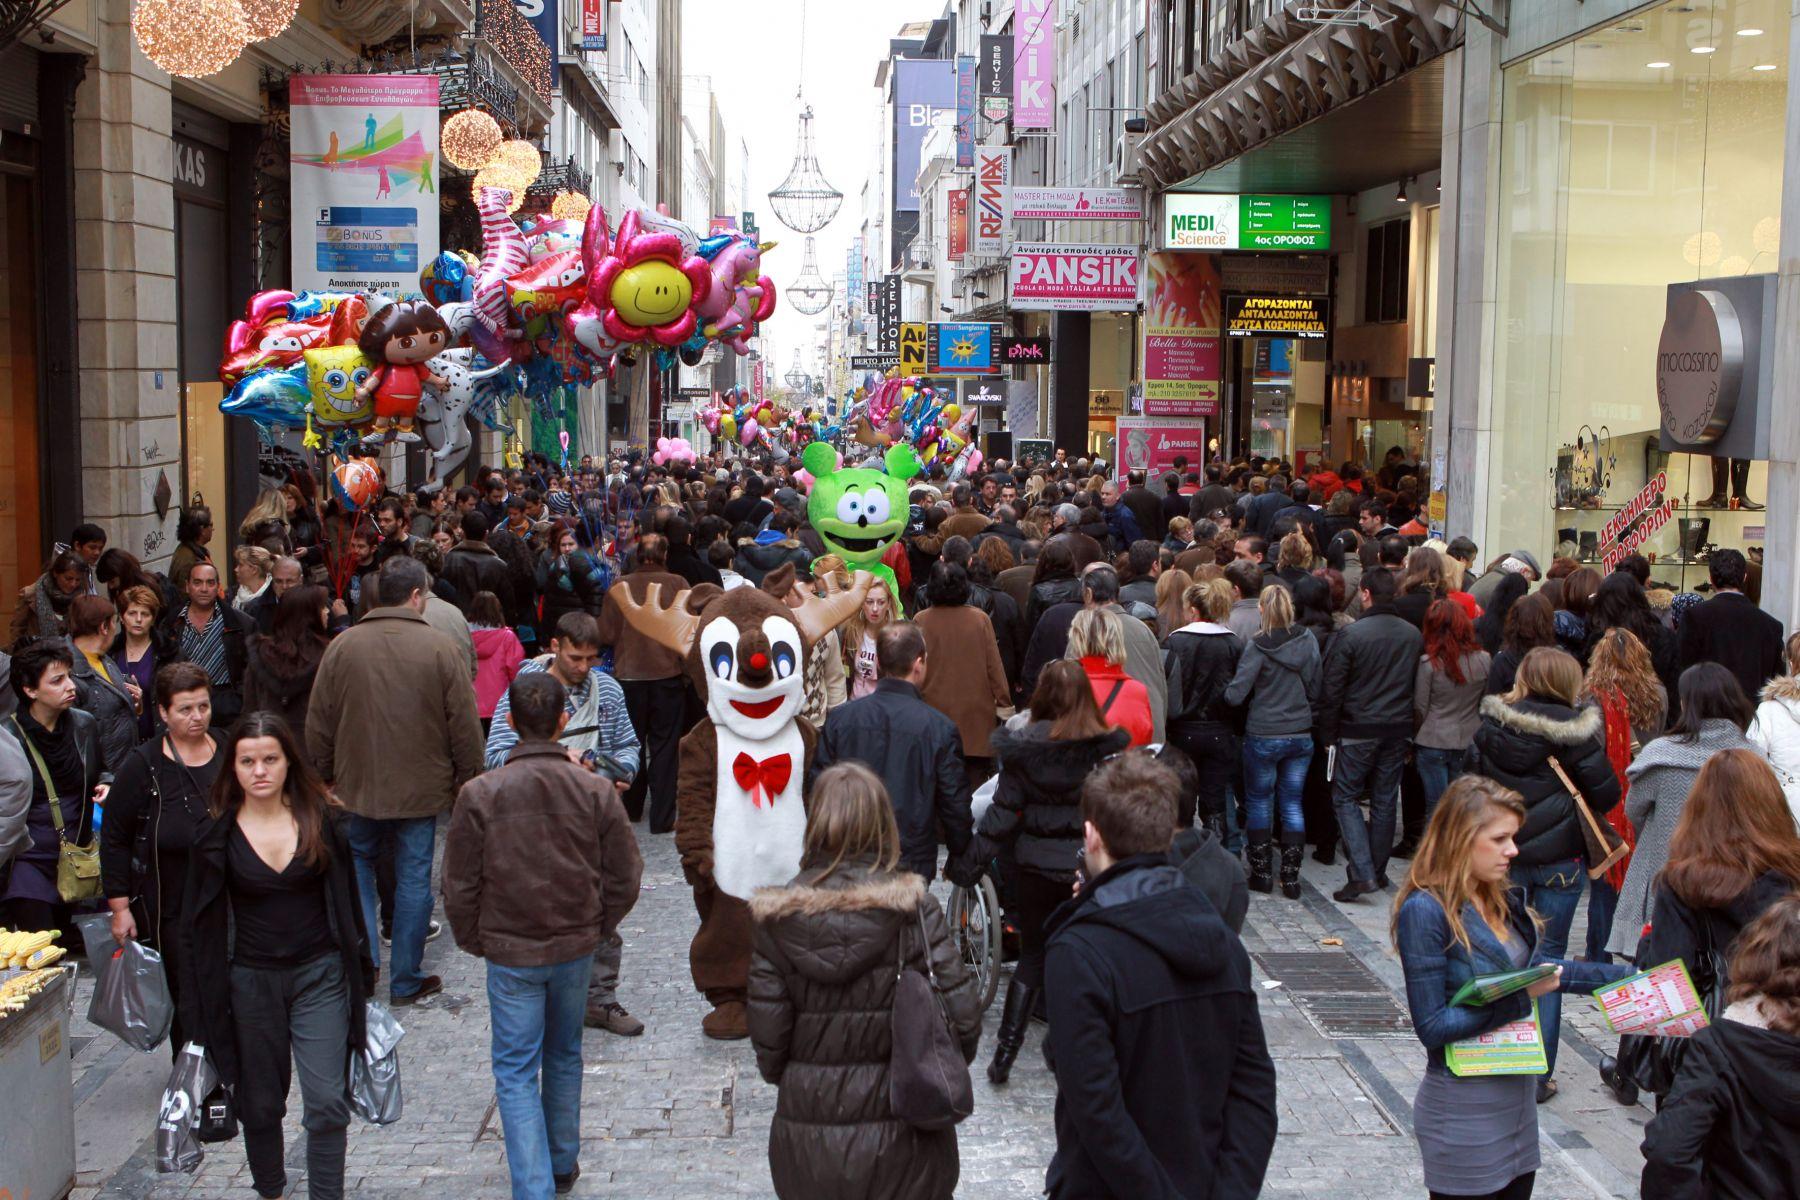 ΚΕΠΚΑ: Προσοχή στην αγορά παιχνιδιών τα Χριστούγεννα